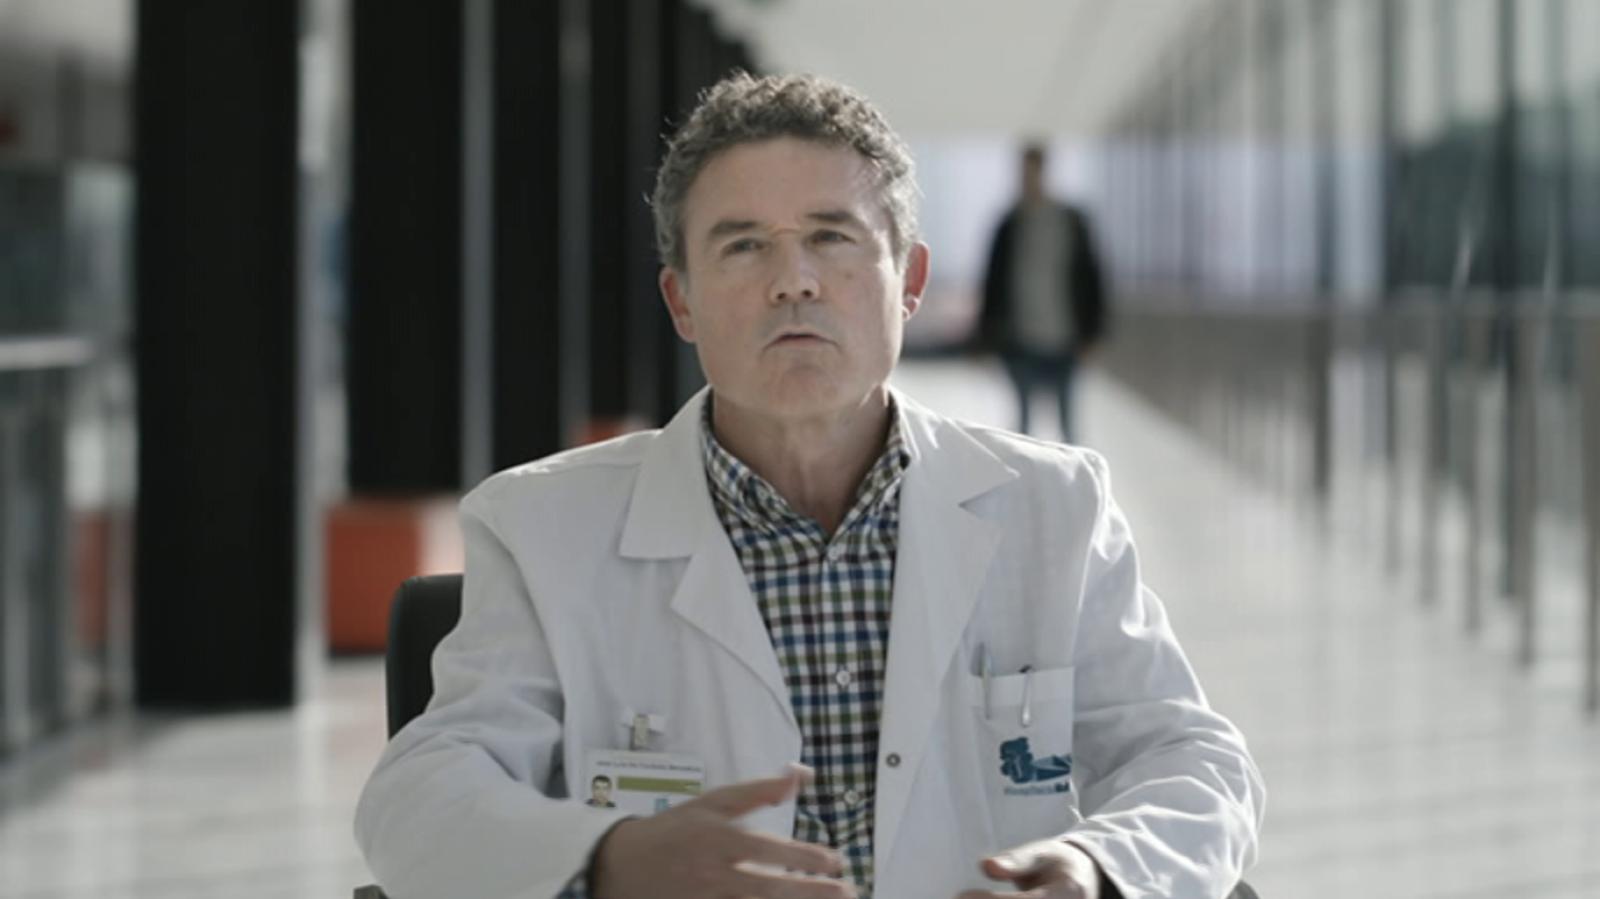 La ciencia de la salud - El dolor, la enfermedad invisible - ver ahora